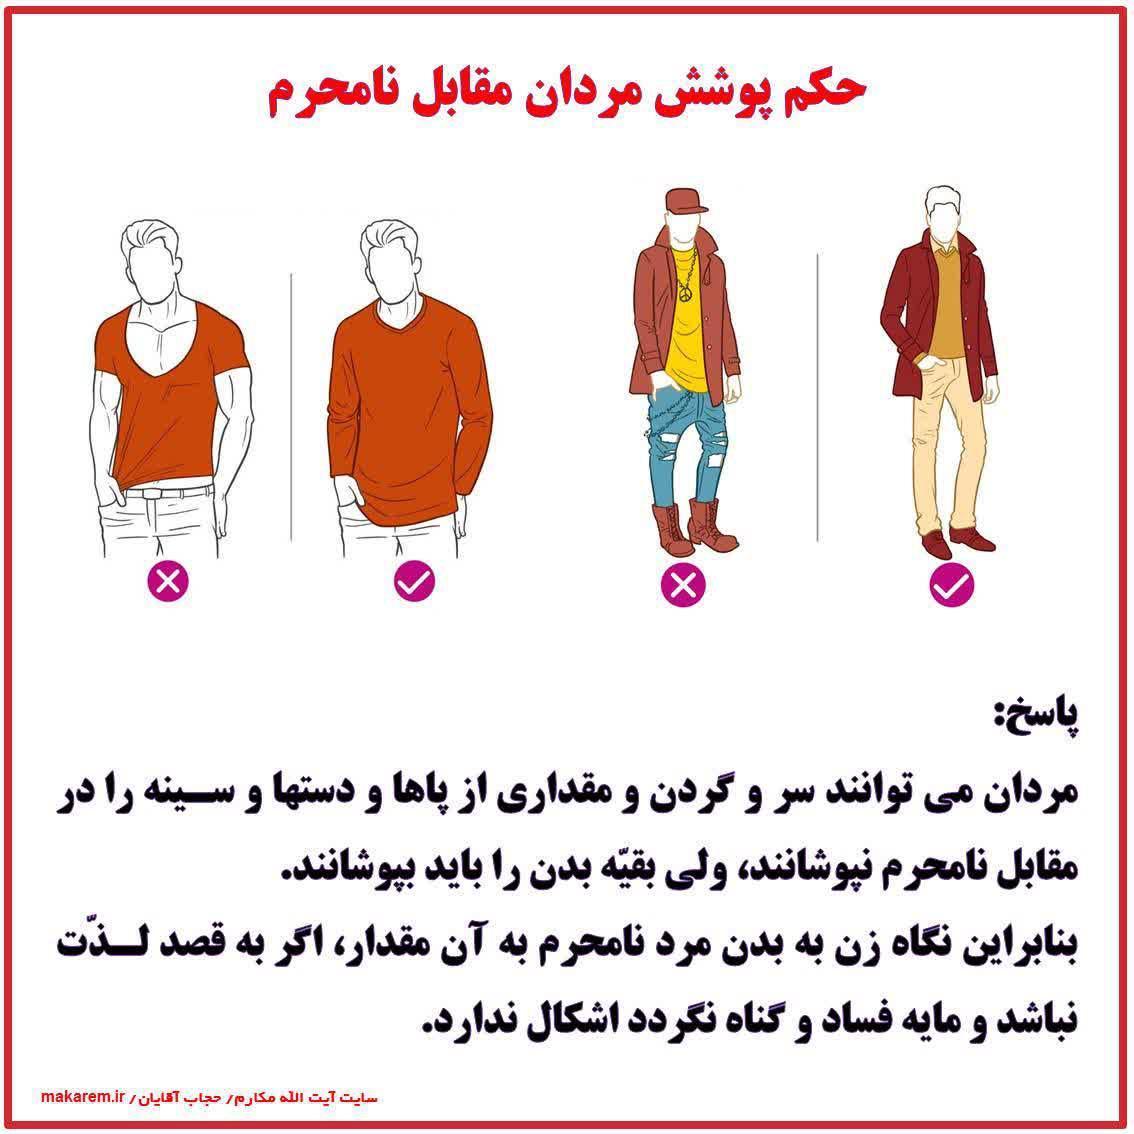 حکم پوشش مردان مقابل نامحرم